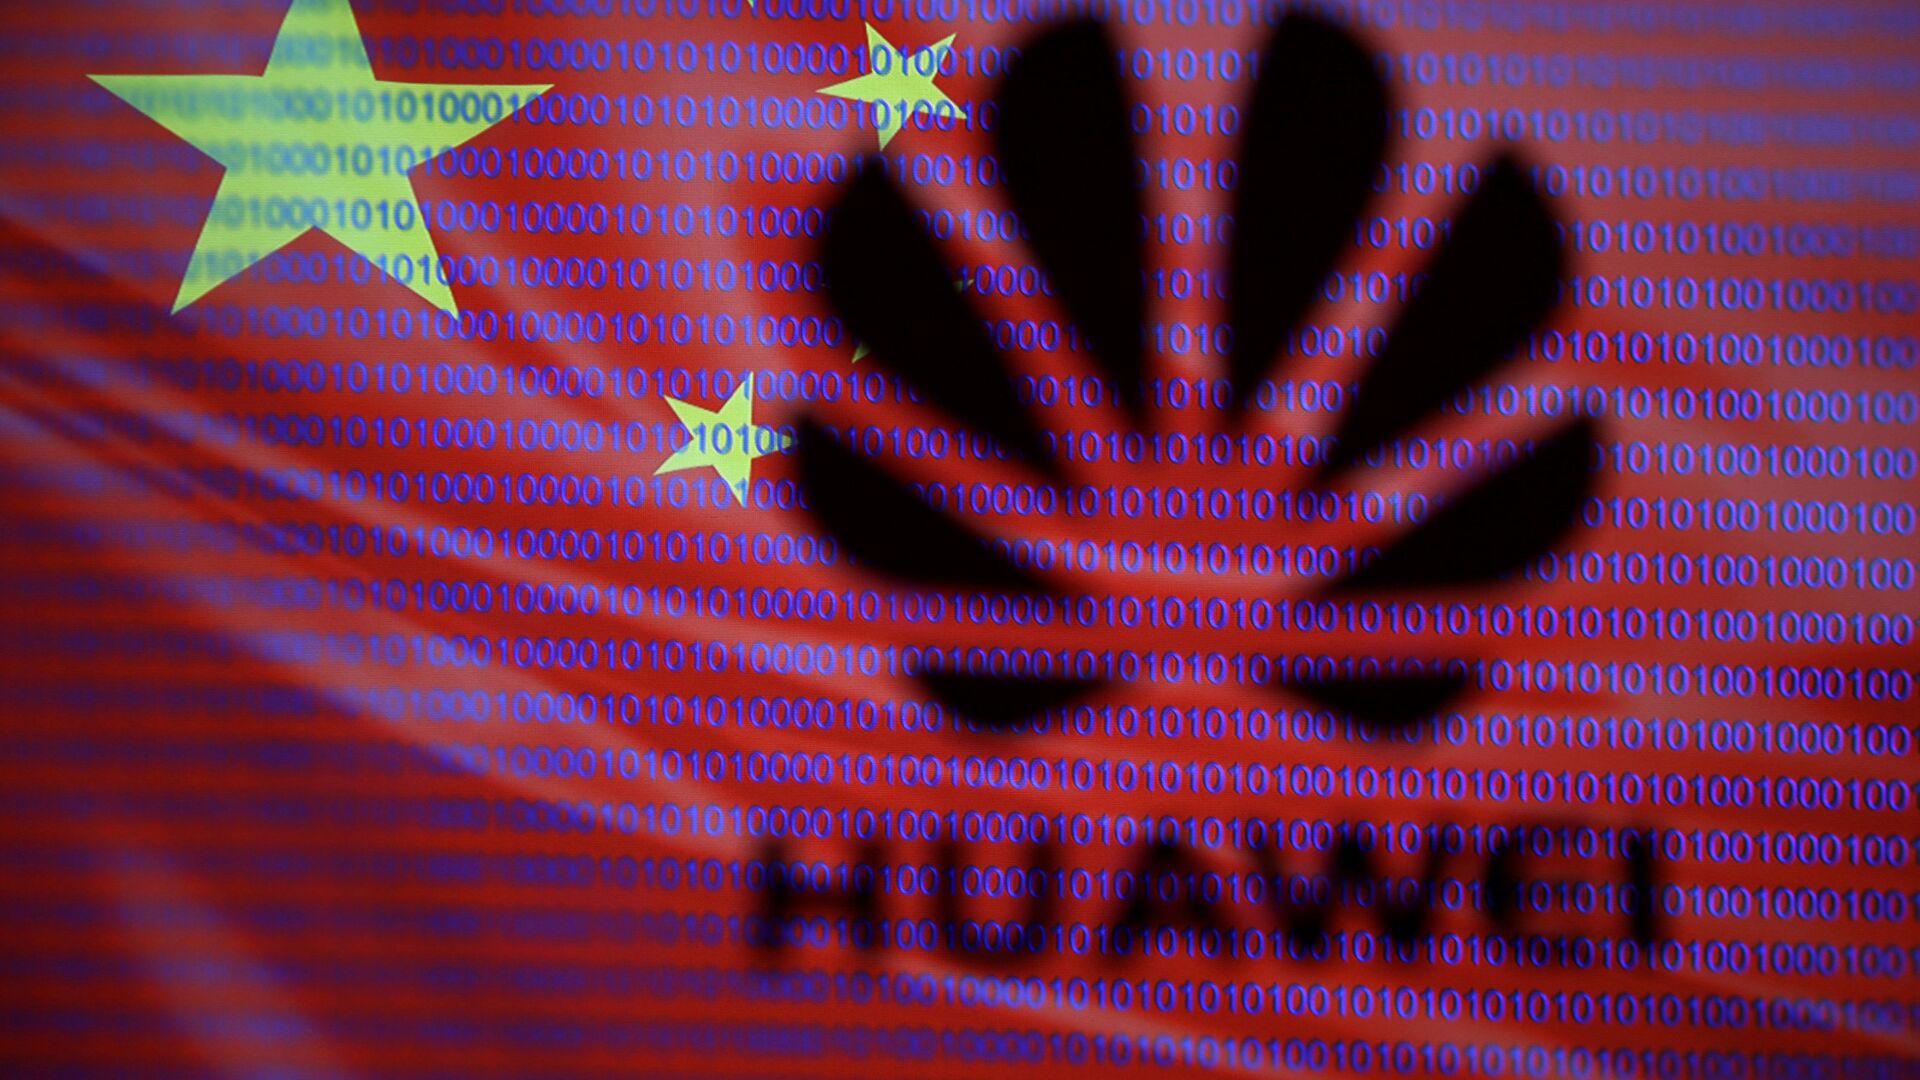 Logo di Huawei sullo sfondo della bandiera cinese - Sputnik Italia, 1920, 20.08.2021